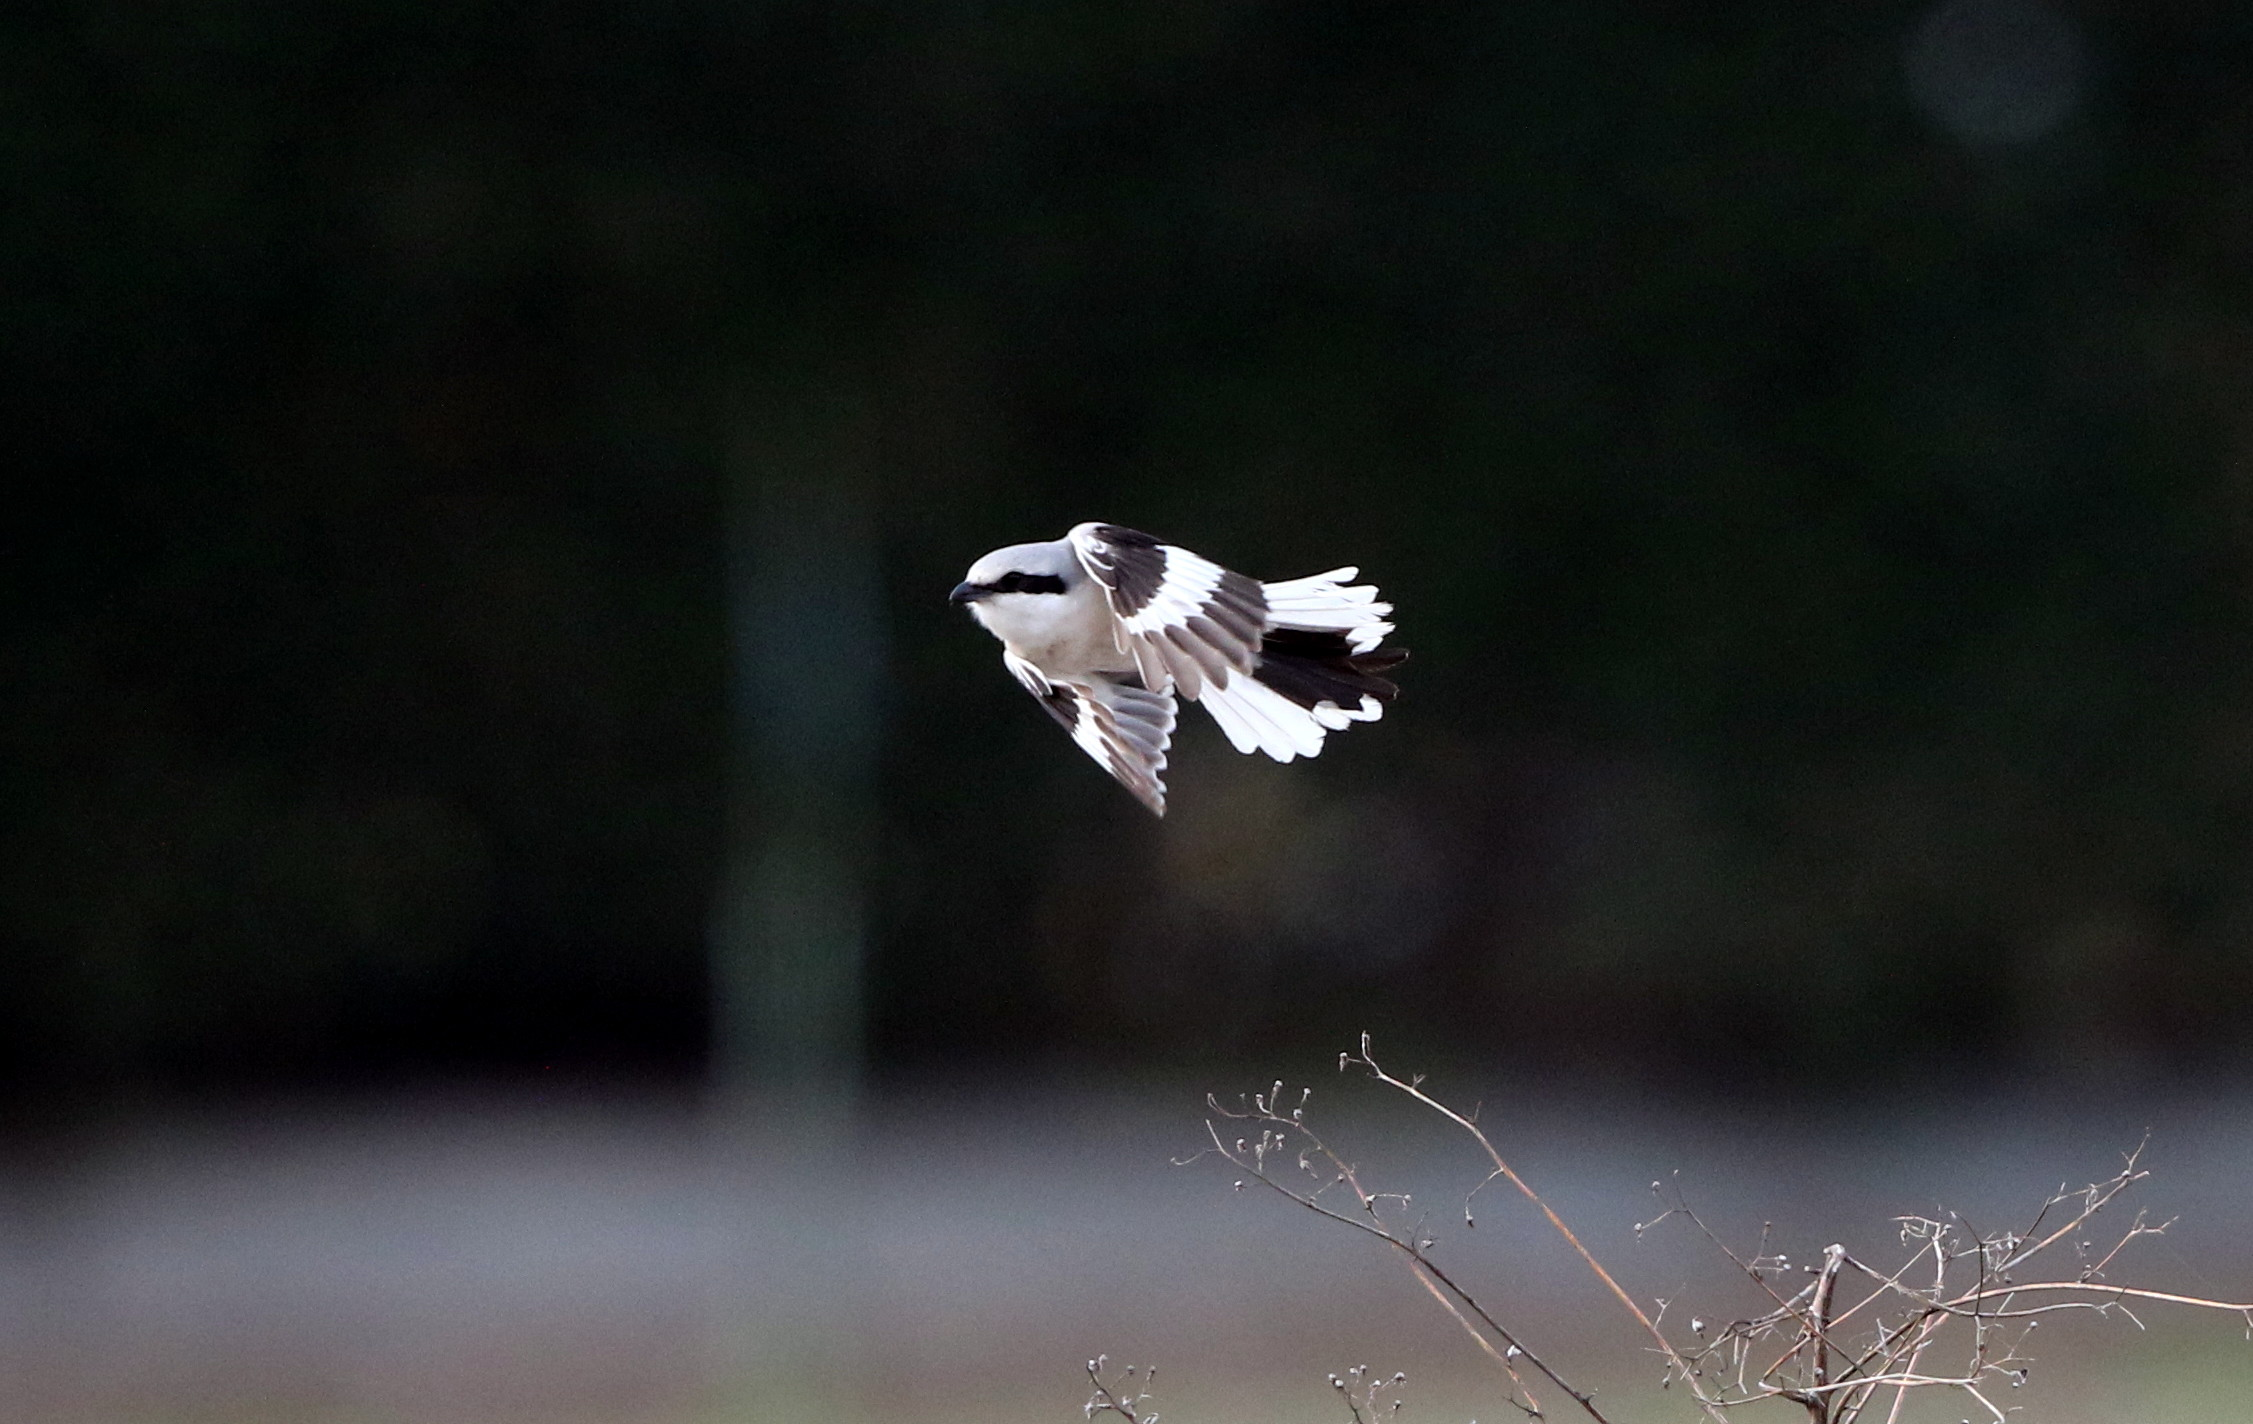 オオカラモズ その3(飛翔)_f0239515_1429236.jpg